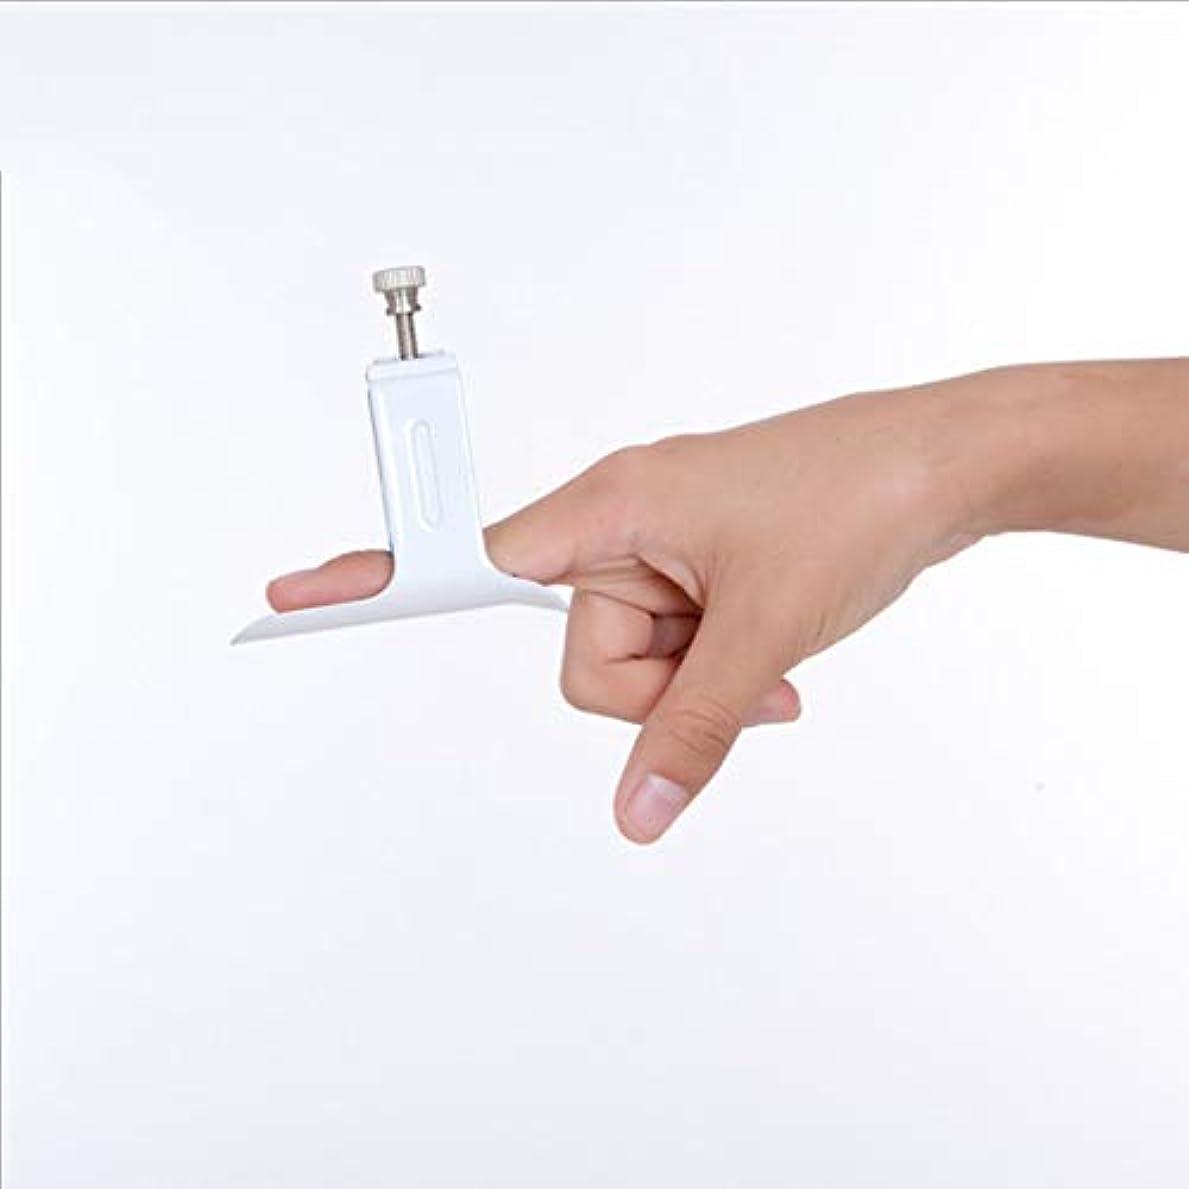 フェリー癌ヒロイック指の延長副木、手指の傷害のホールダーの副木矯正器指の拡張指の固定固定されたリハビリテーションの苦痛救助用具の援助